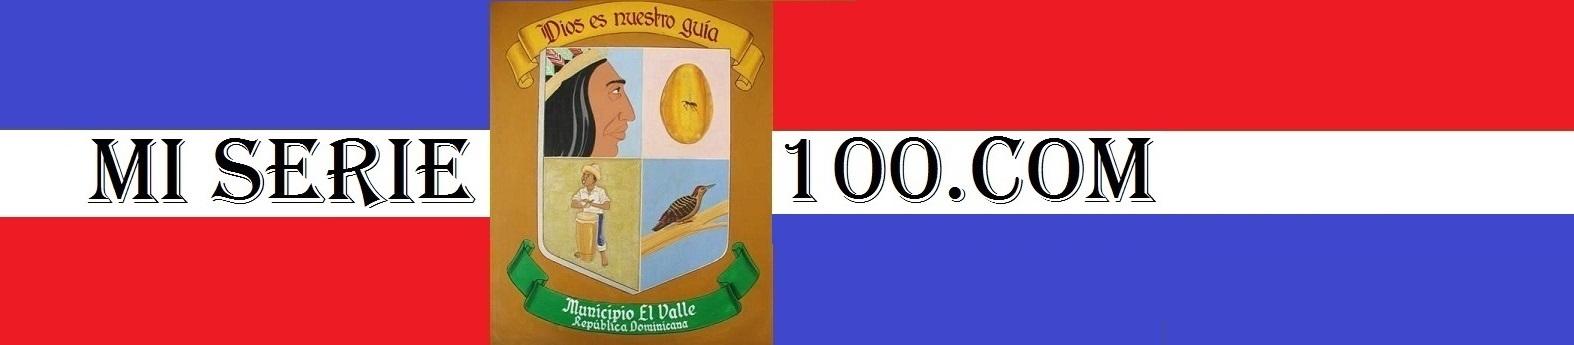 miserie100